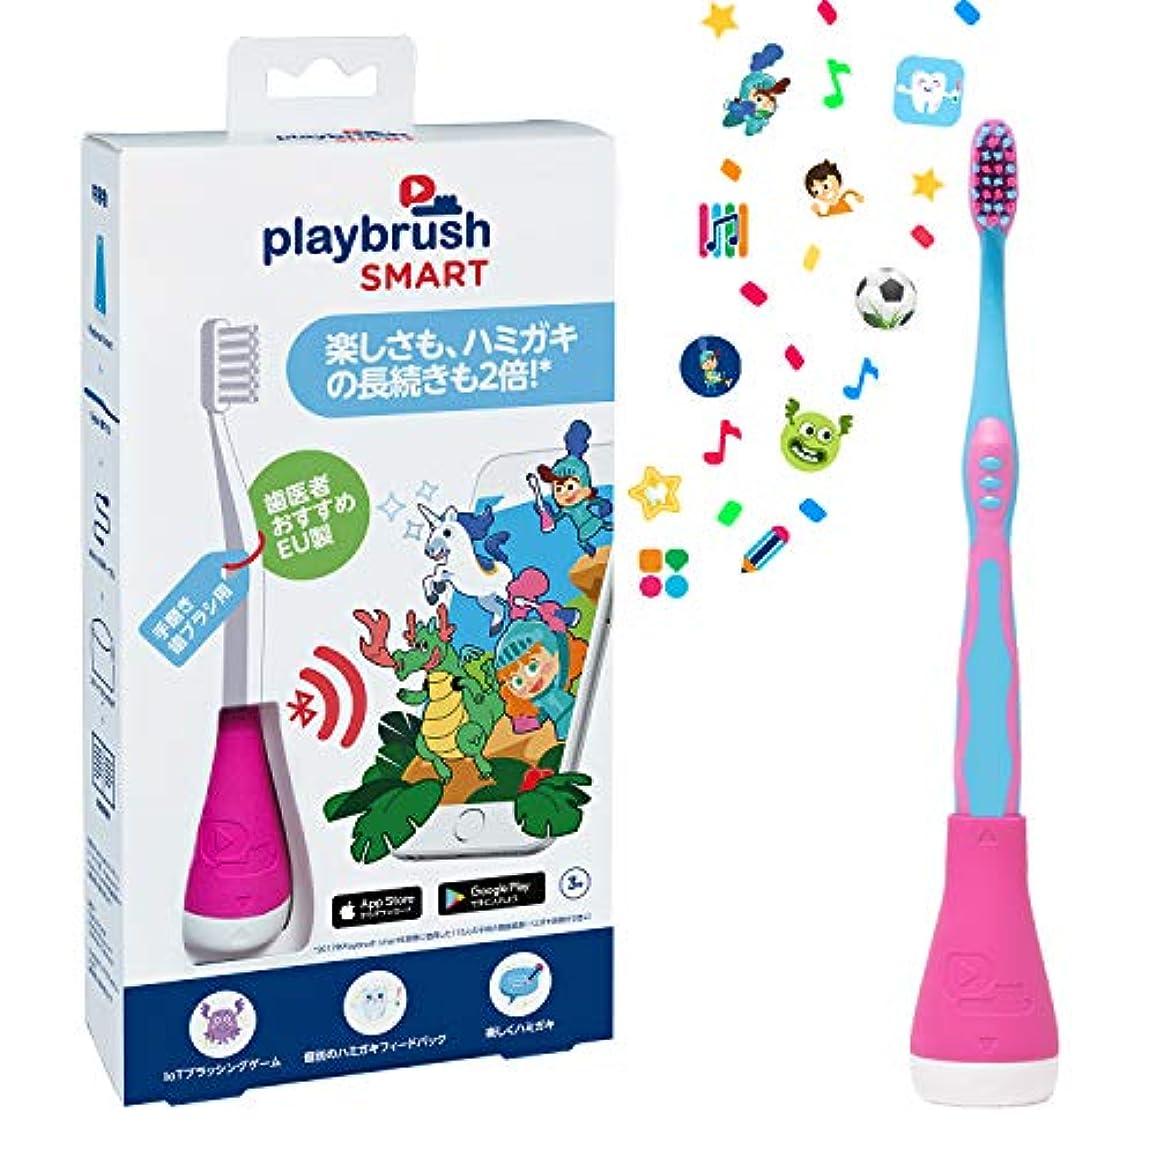 震えるそこから正当化する【ヨーロッパ製 アプリで正しいハミガキを身につけられる子供用 知育歯ブラシ】プレイブラッシュ スマート ピンク◇ 普段の歯ブラシに取り付けるだけ◇ Playbrush Smart Pink